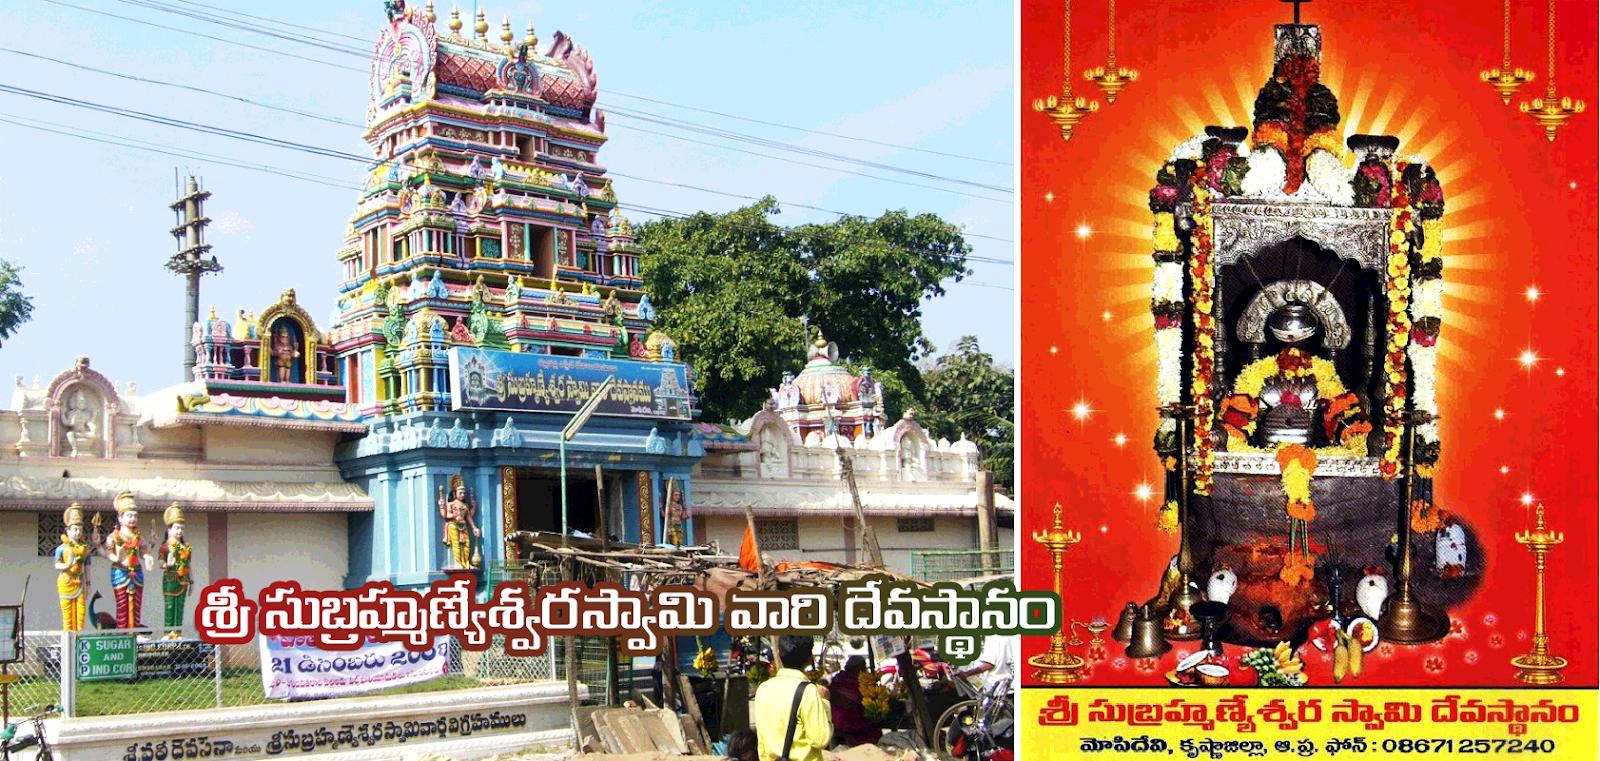 శ్రీ సుబ్రహ్మణ్యేశ్వరస్వామి వారి దేవస్థానం, మోపిదేవి - Sri Subrahmanyeswaraswamy shrine, Mopidevi